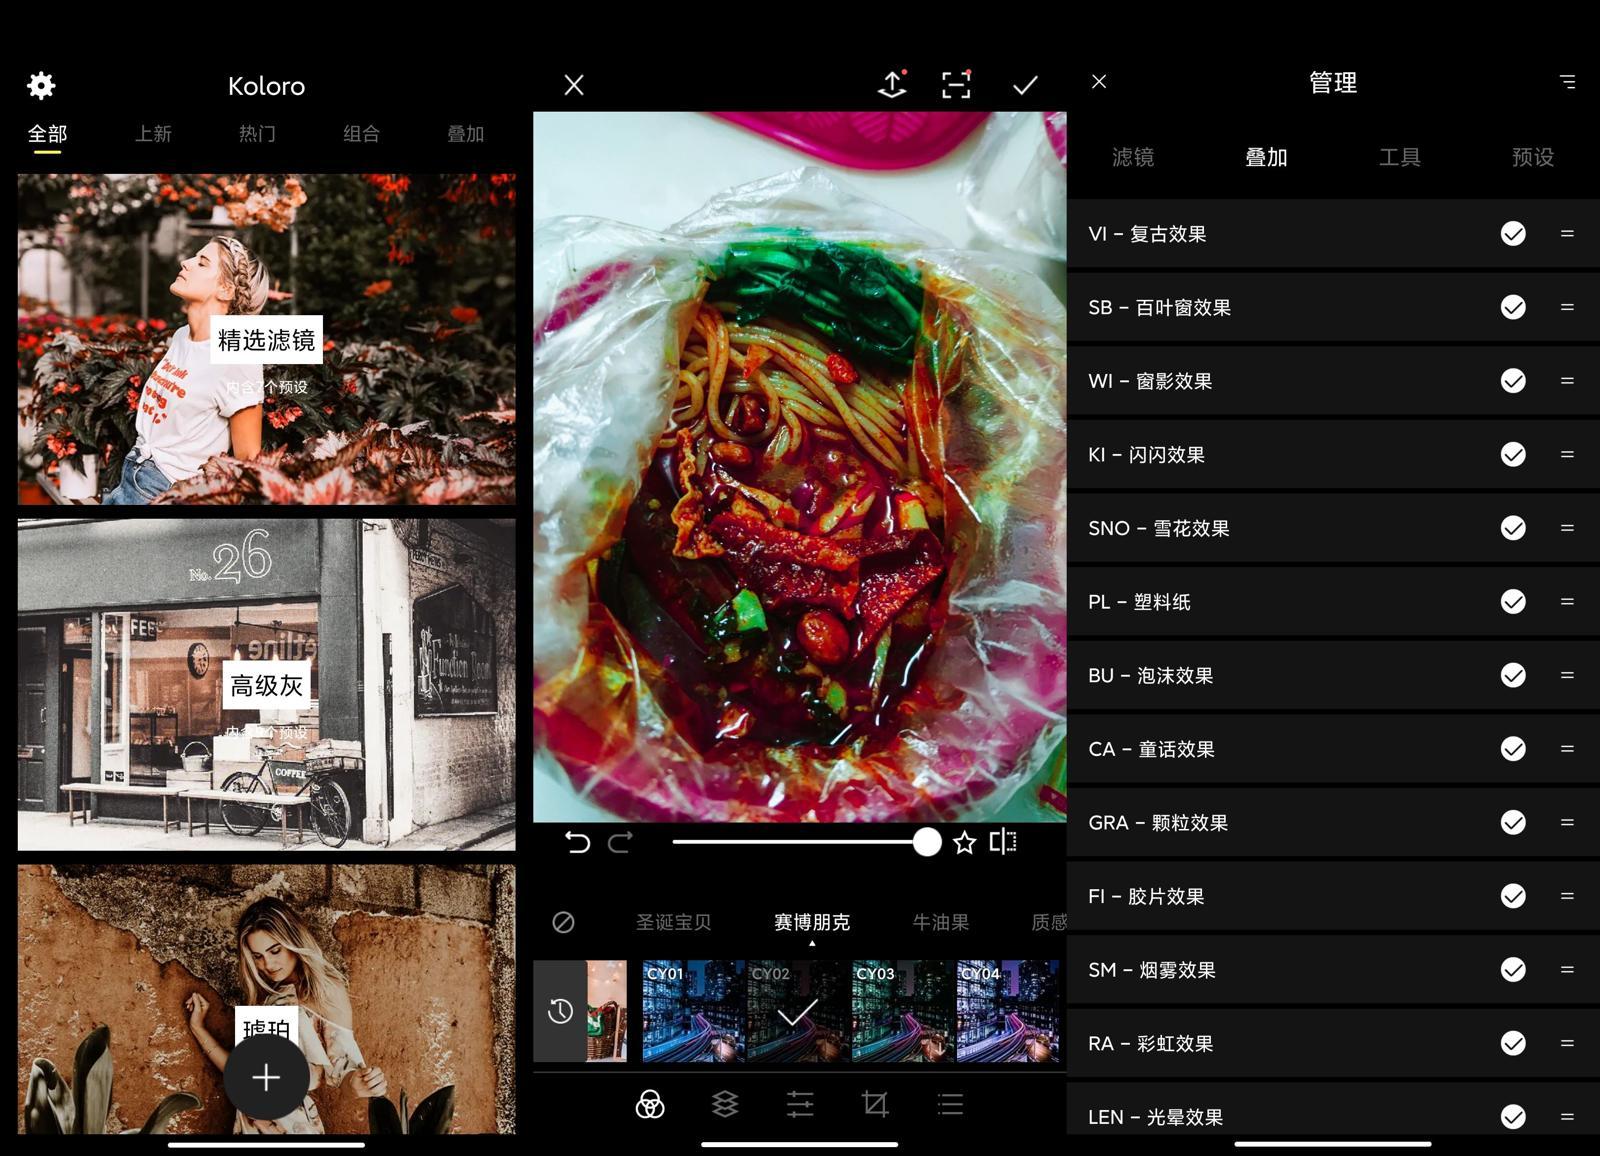 安卓滤镜君Koloro v5.1.5高级版-云奇网